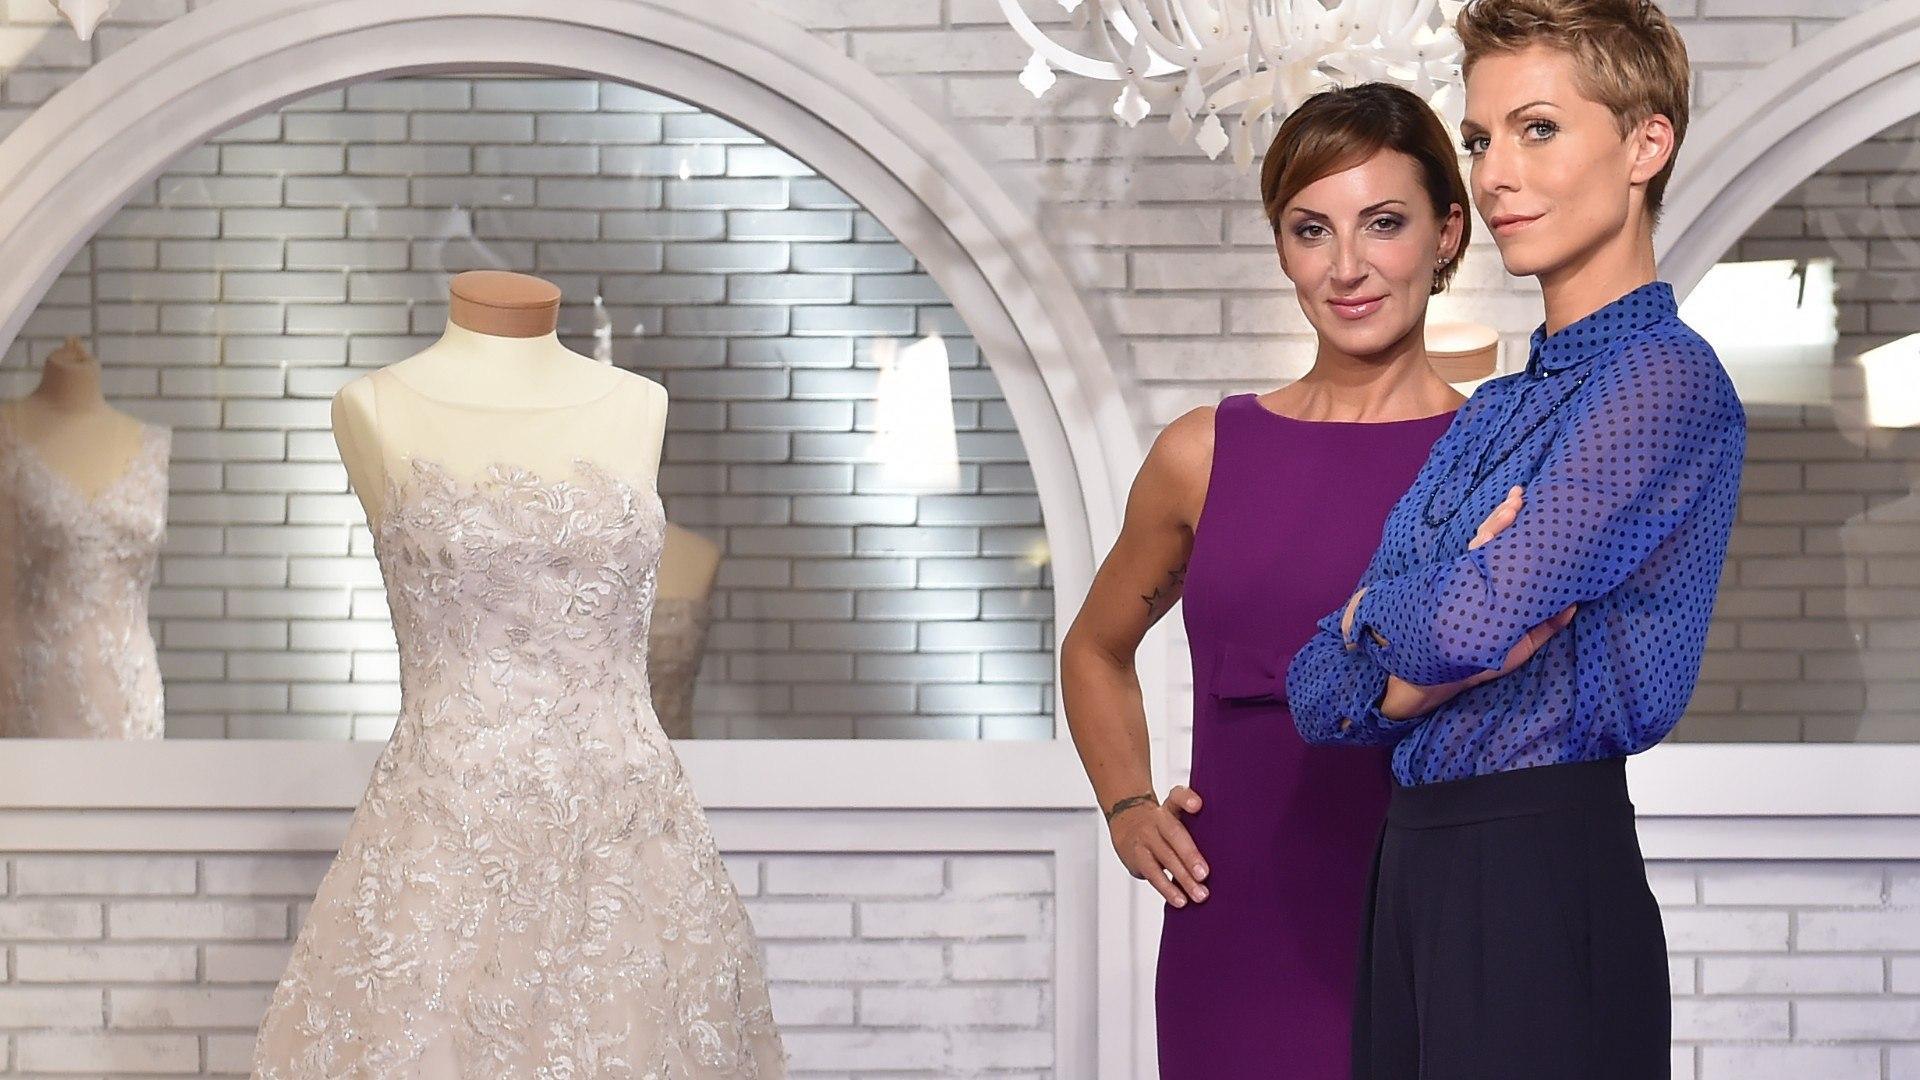 Sky Uno HD Chi veste la sposa? Mamma vs. suocera